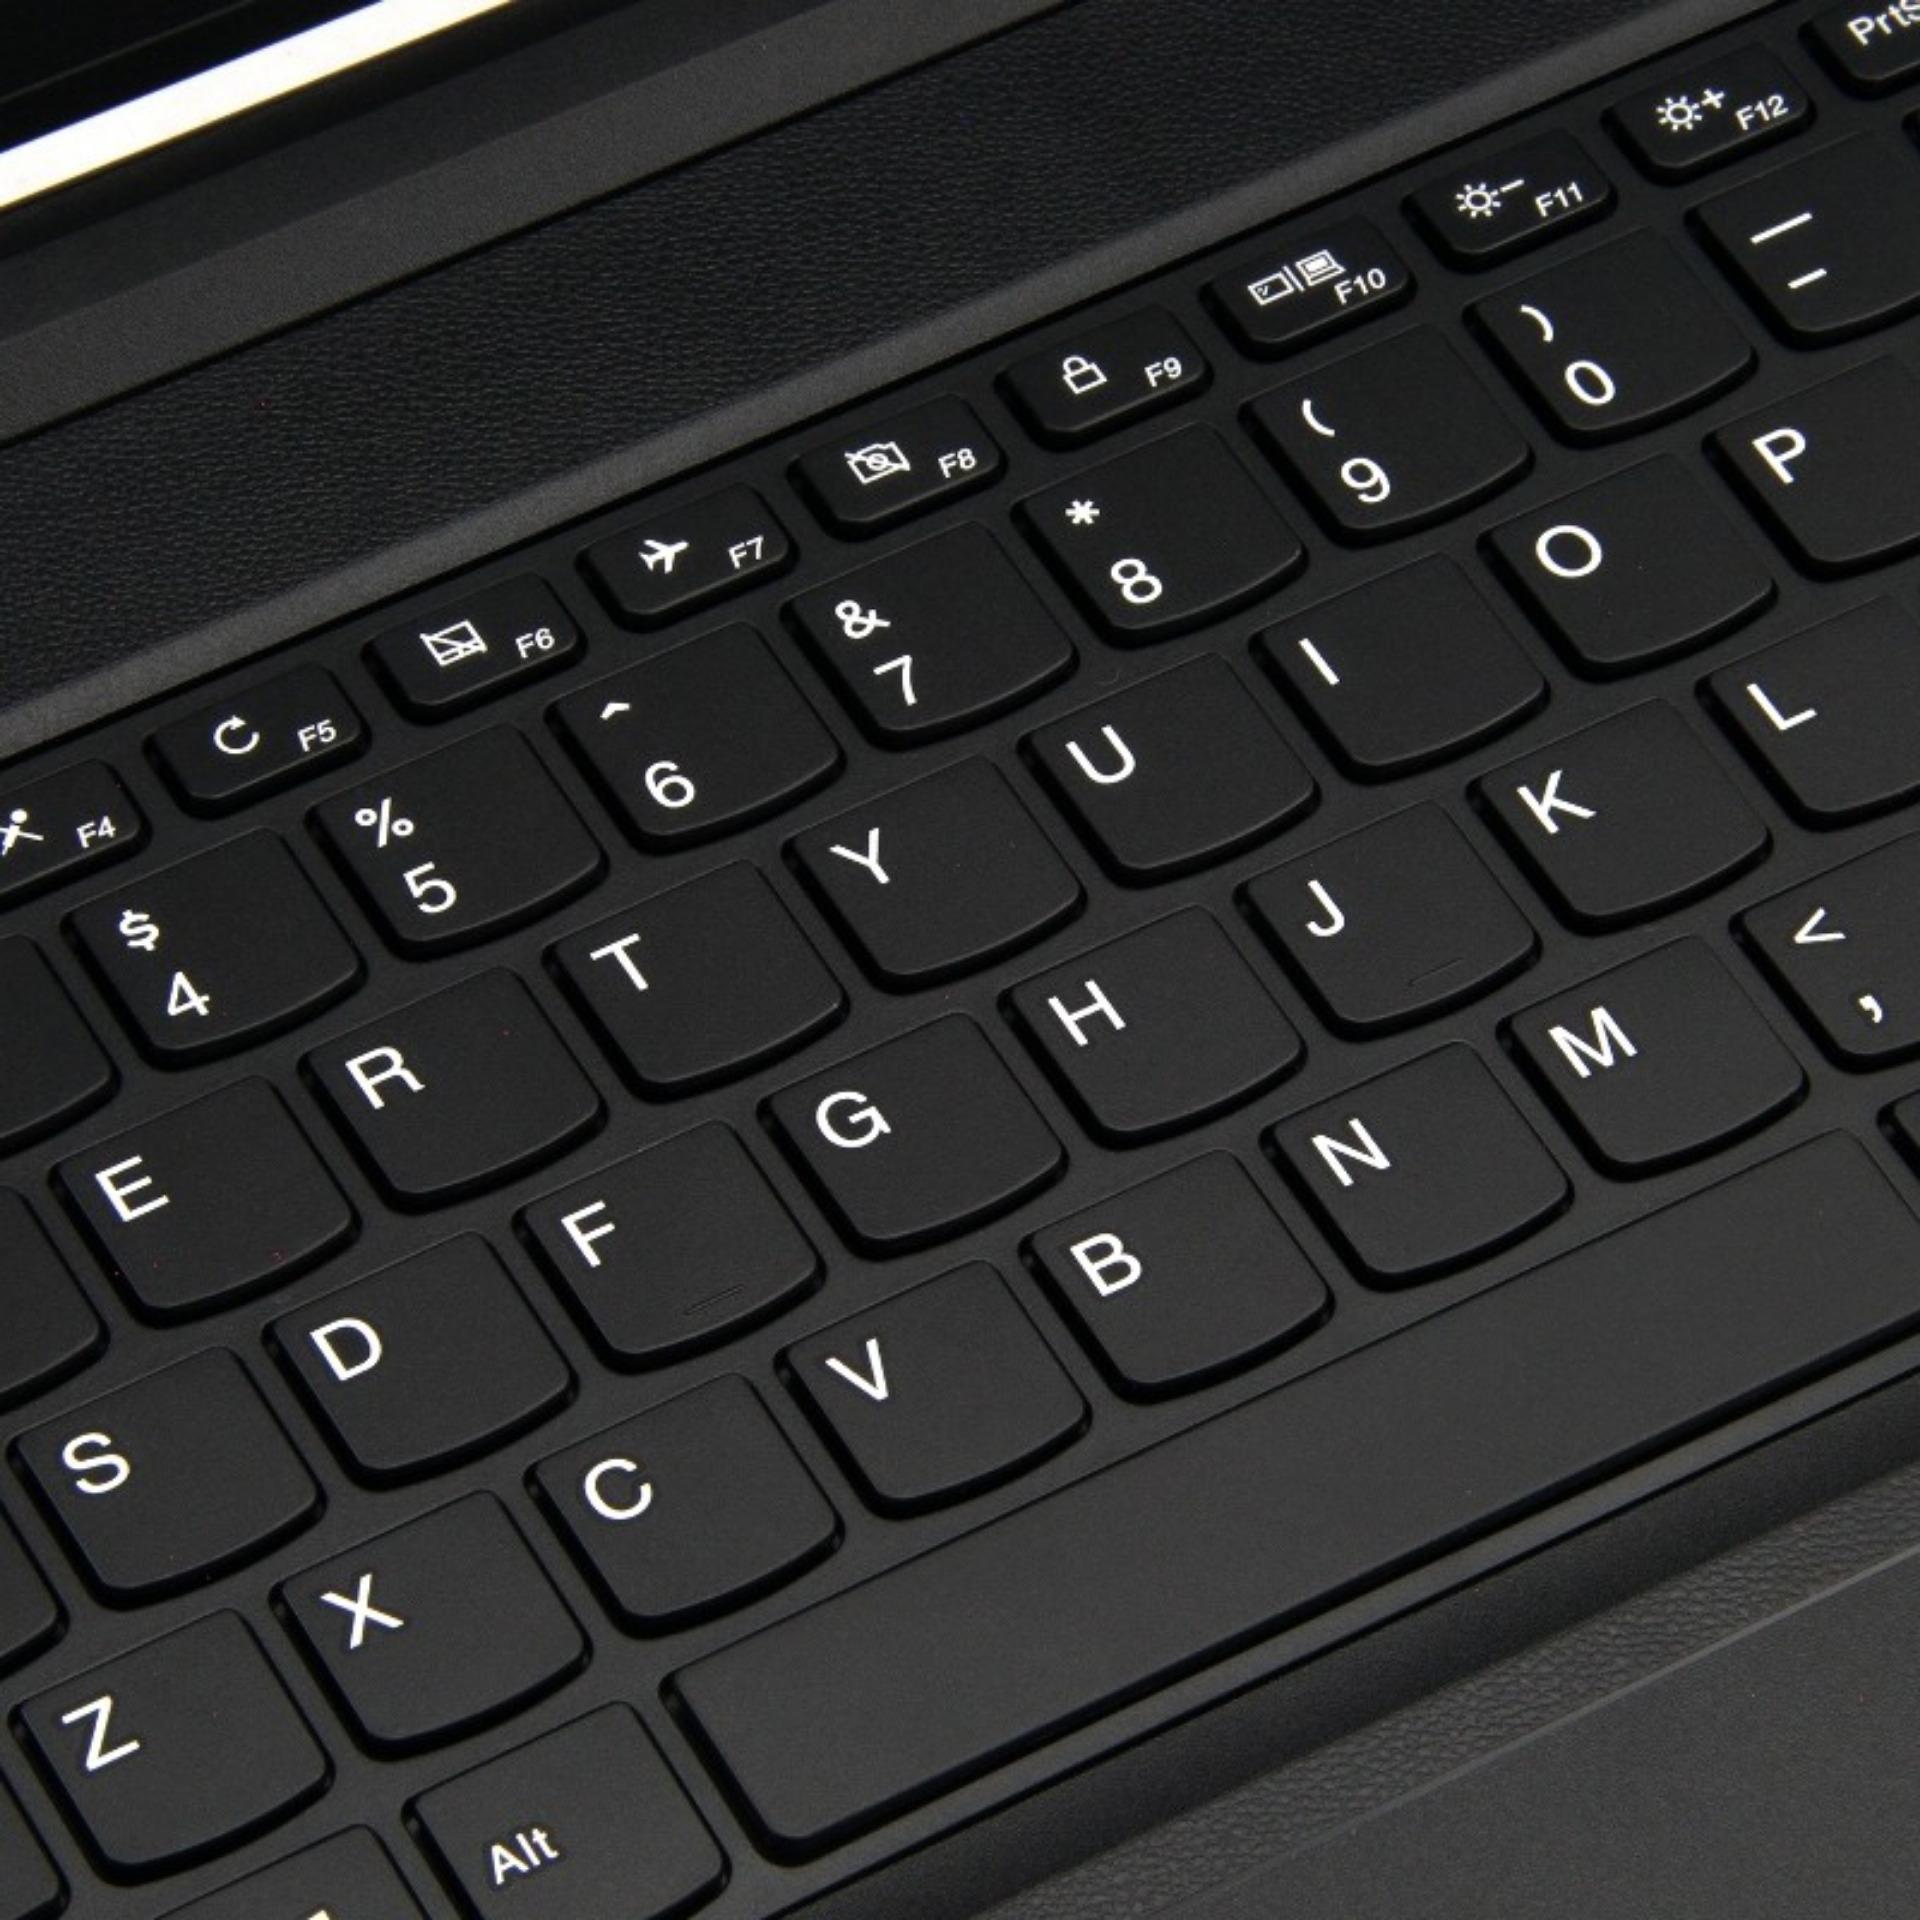 Lenovo Ideapad 110 Ram 8gb Core I5 6200u 1tb Ati Radeon R5 M330 2gb Amd A8 7410 4gb Hdd M430 156 Inch Hd Dos Black 14isk 6200